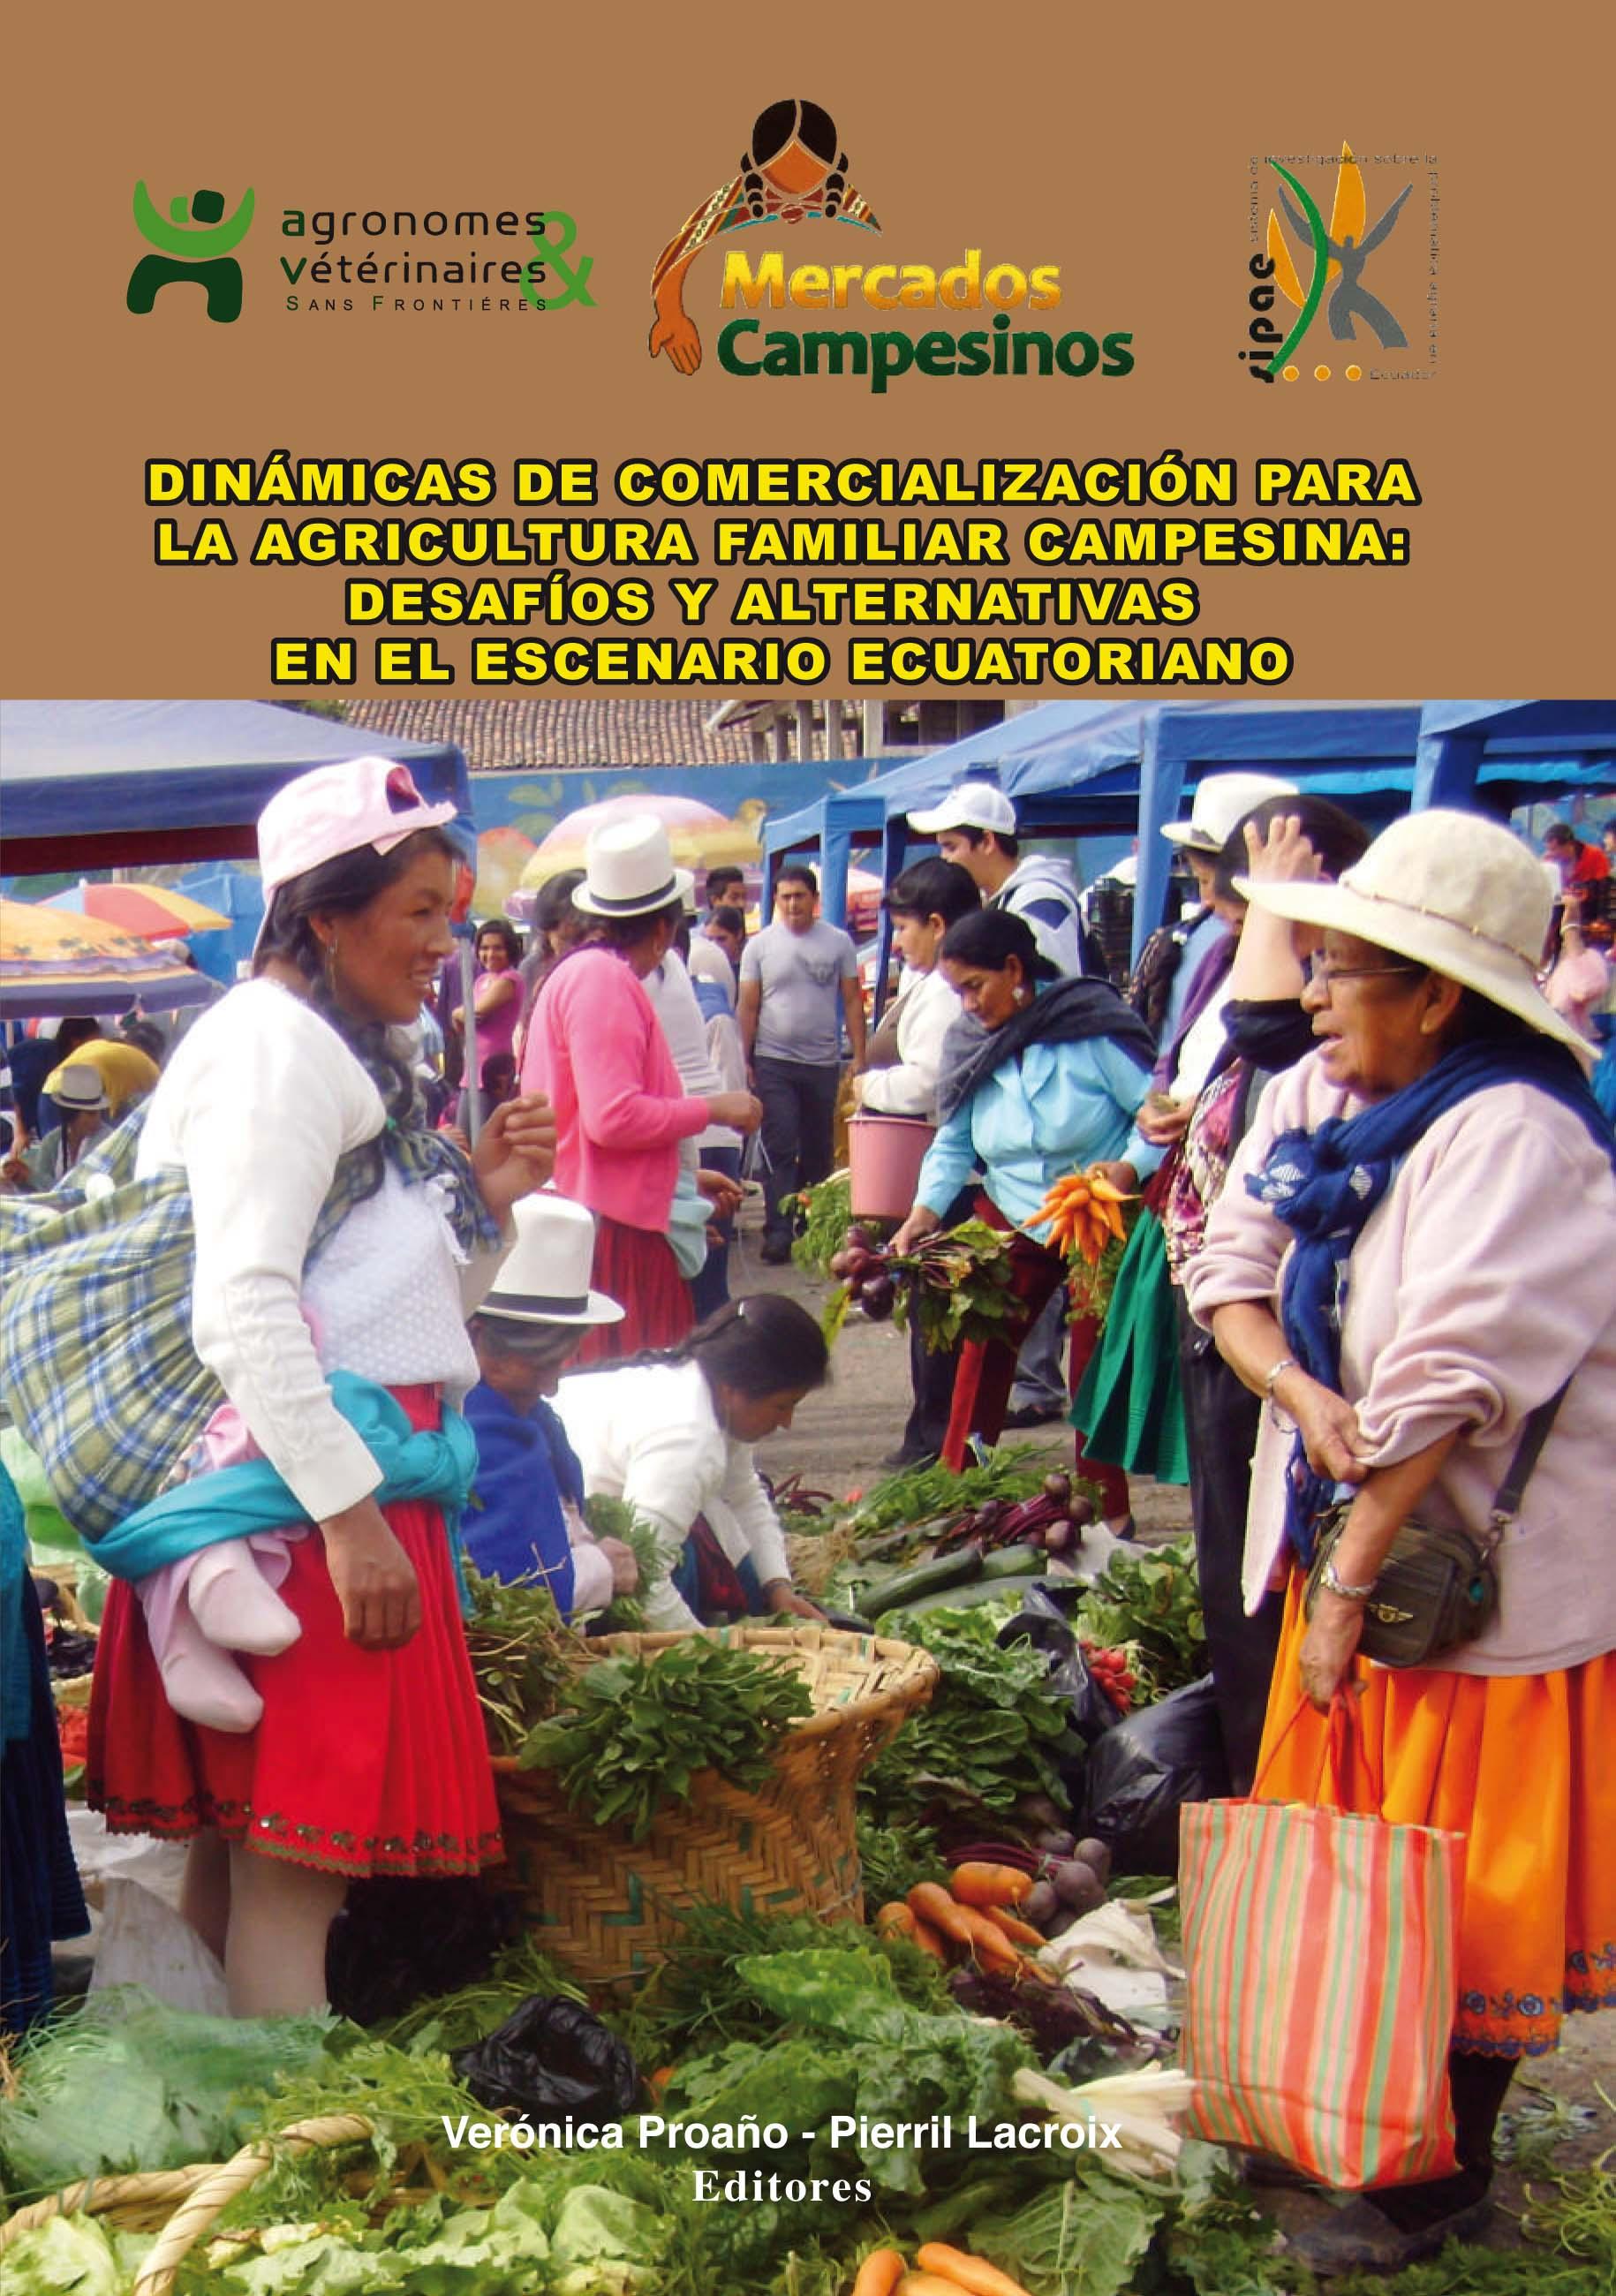 Dinámicas de comercialización para la agricultura familiar campesina: desafíos y alternativas en el escenario ecuatoriano Image principale